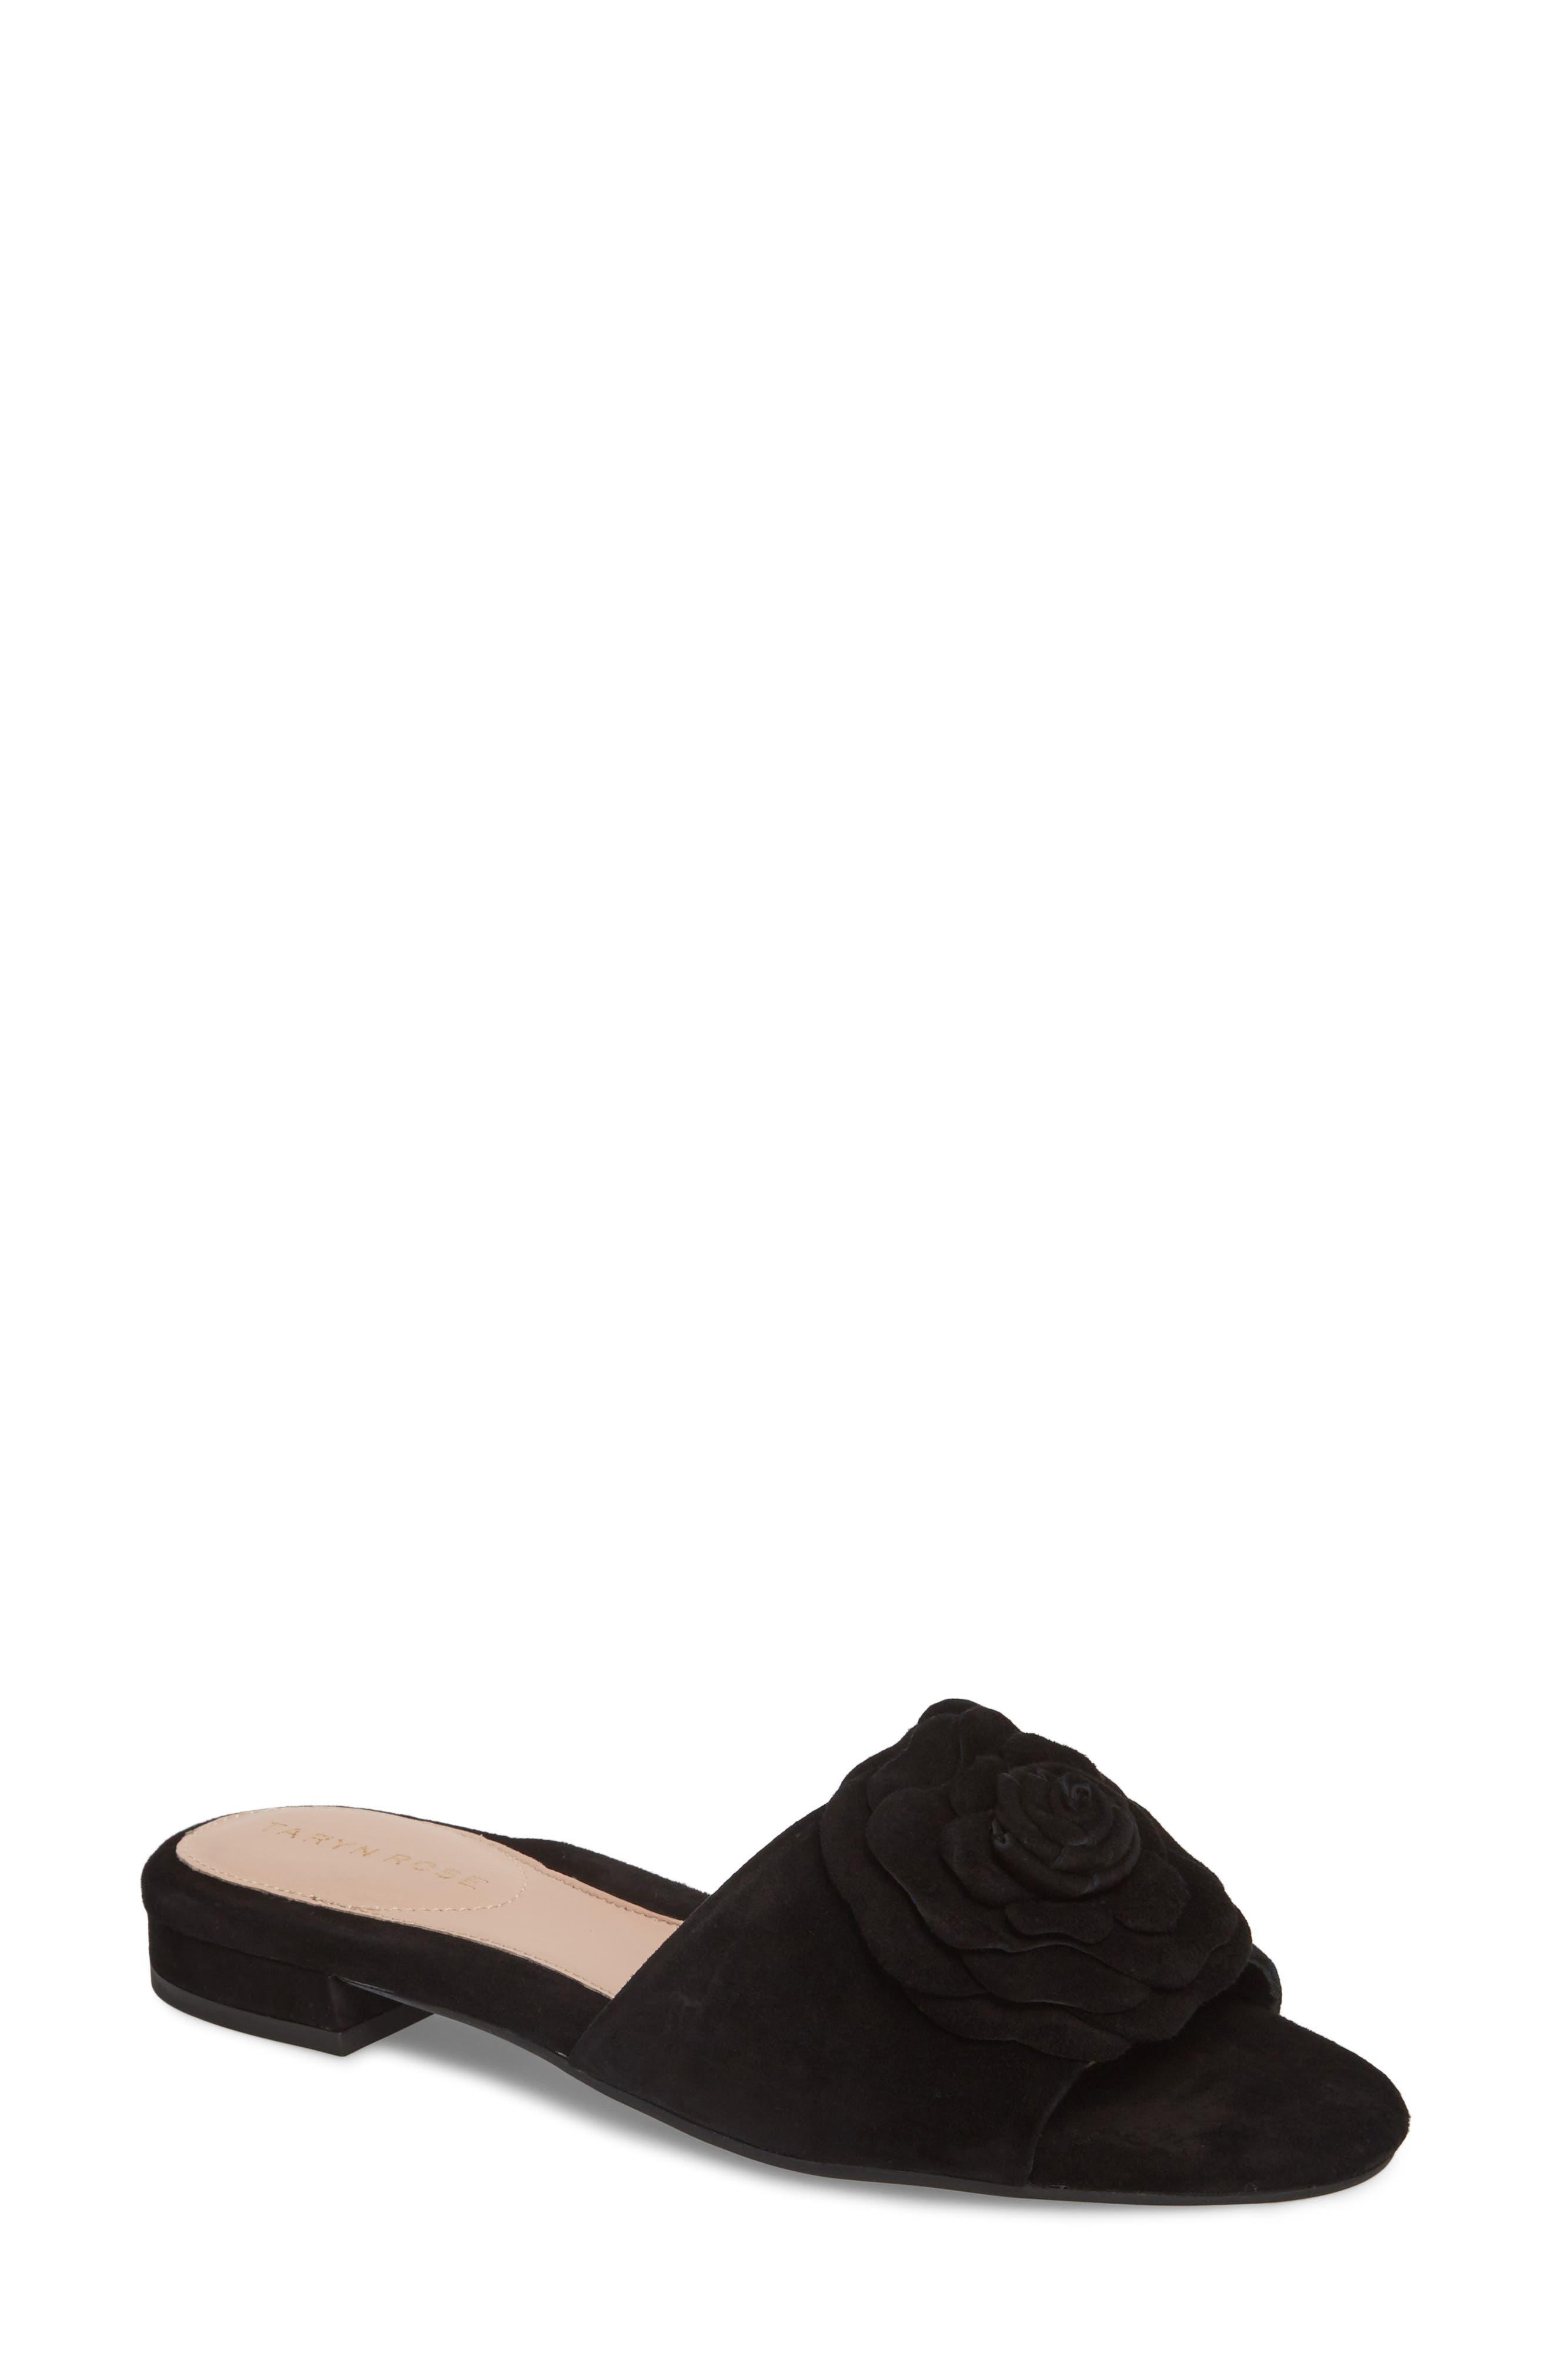 Violet Flower Slide Sandal,                             Main thumbnail 1, color,                             BLACK SUEDE